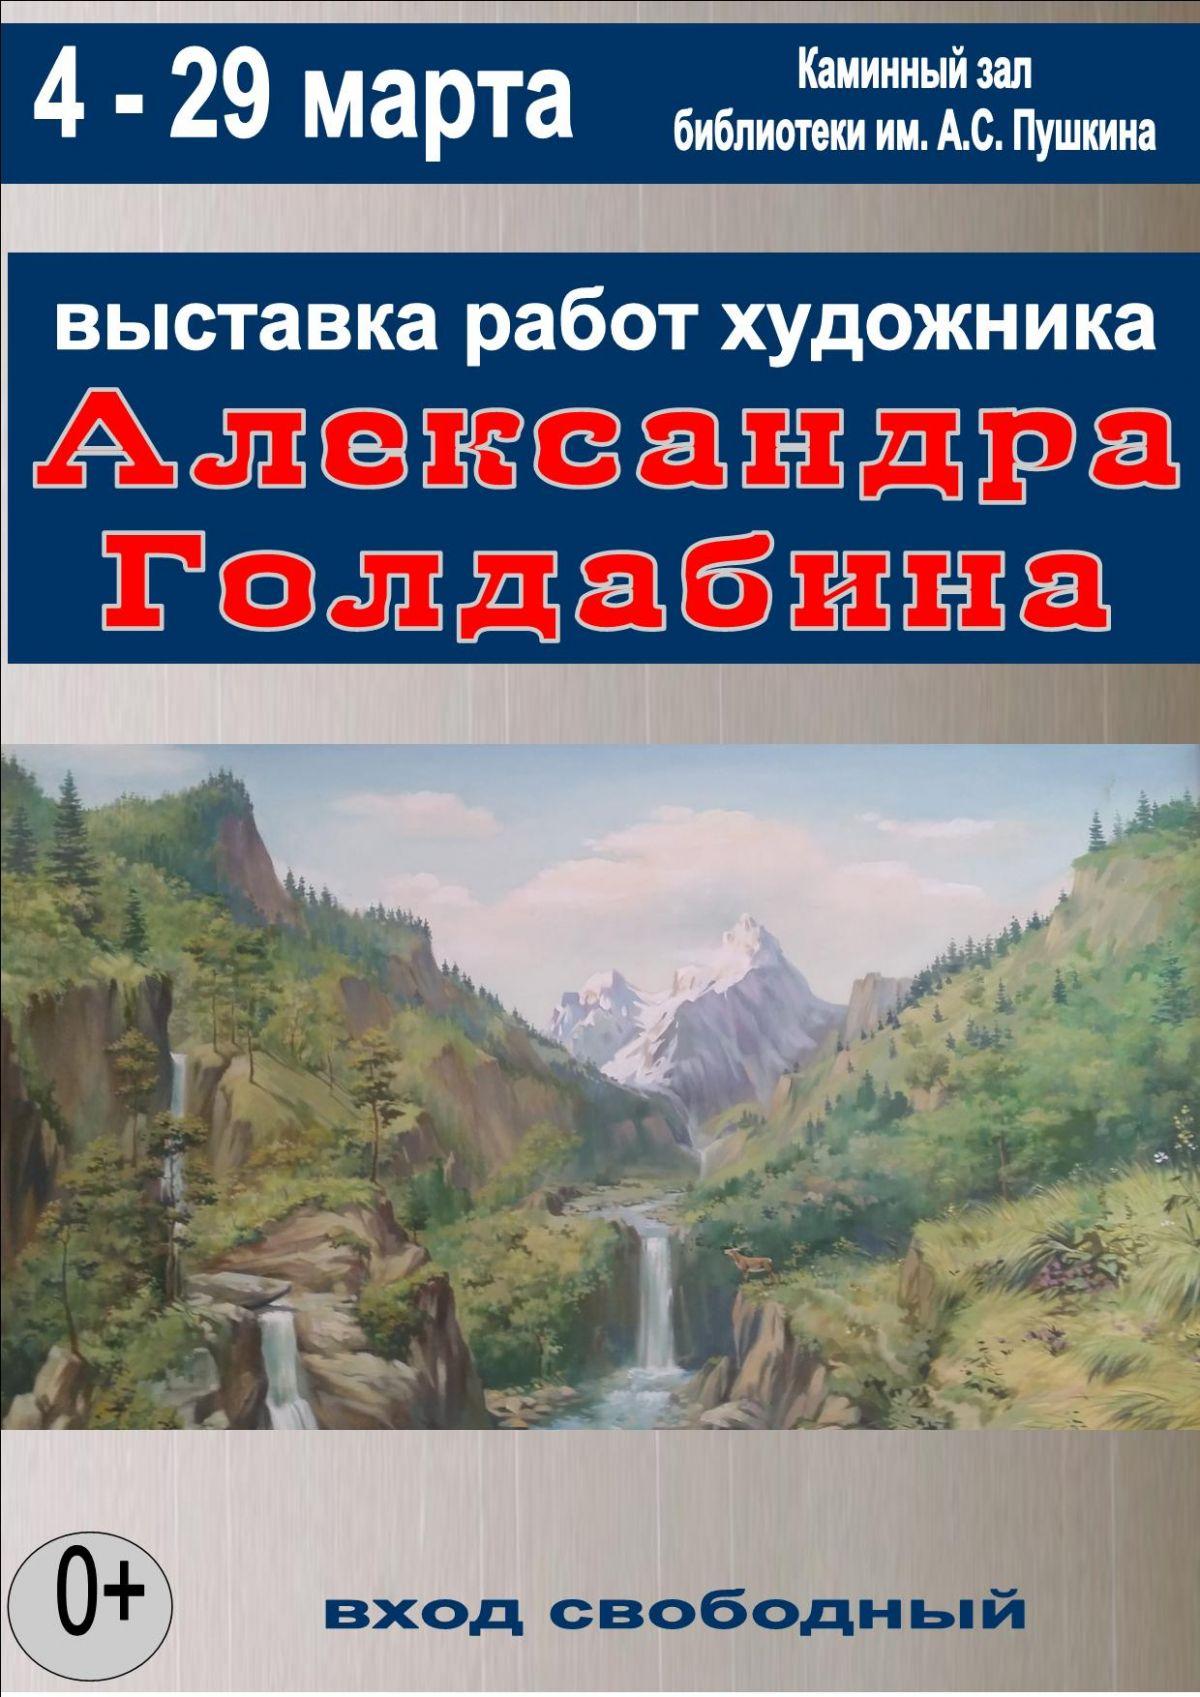 Выставка работ художника